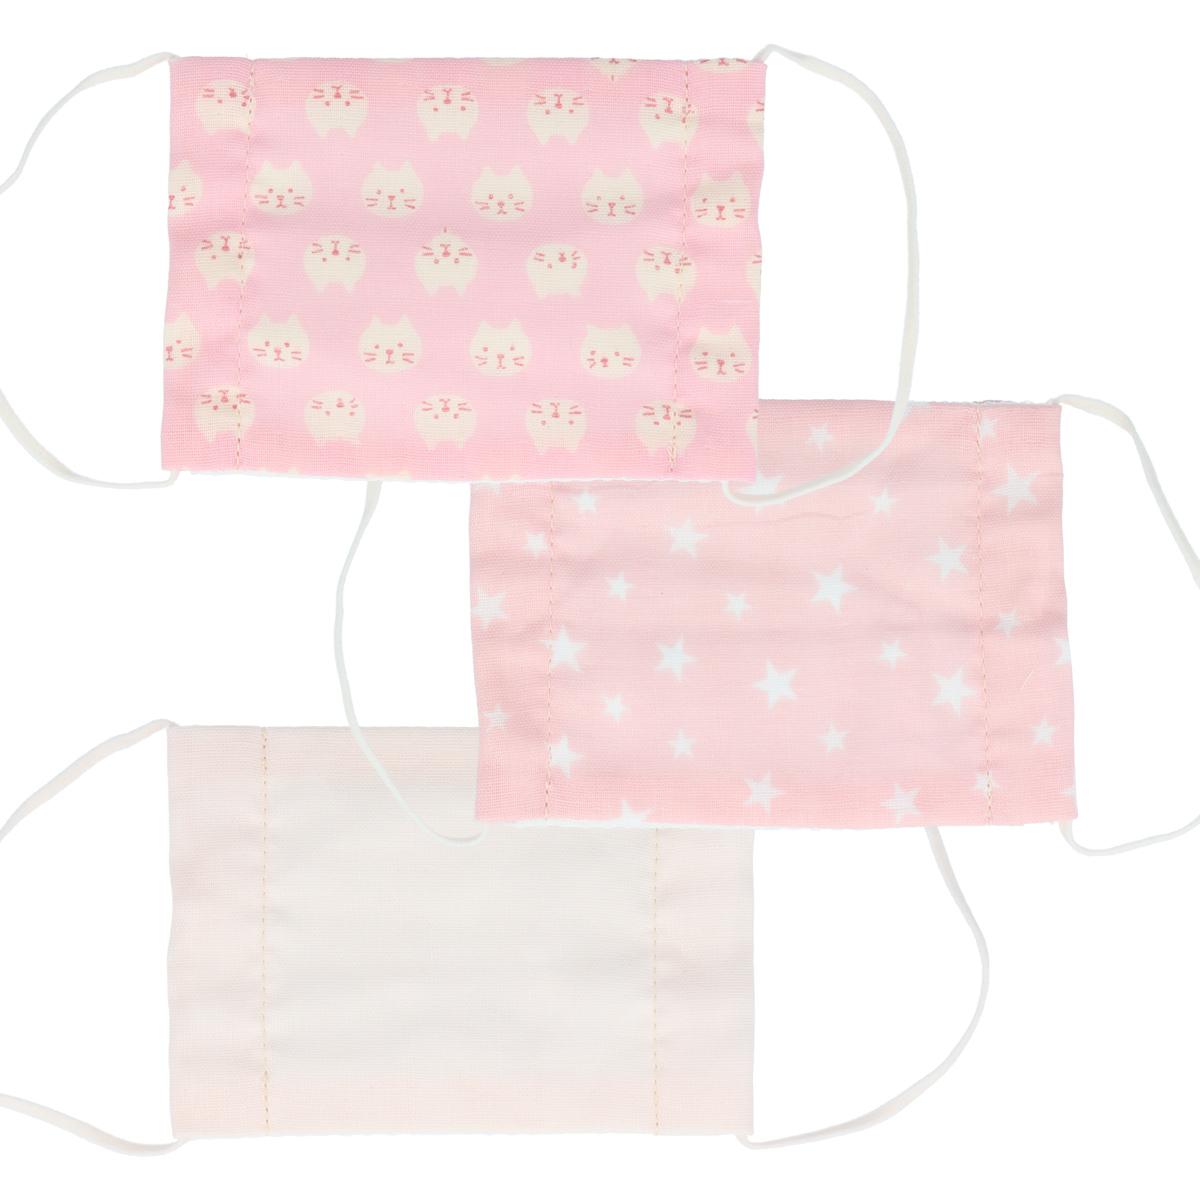 さらふわマスク キッズマスク ピンク系 子供用 3枚セット